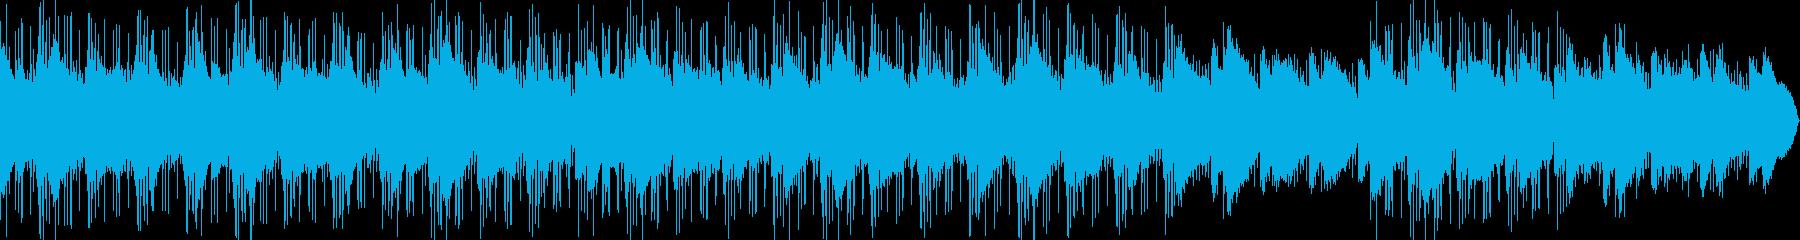 大人な雰囲気のchilloutの再生済みの波形